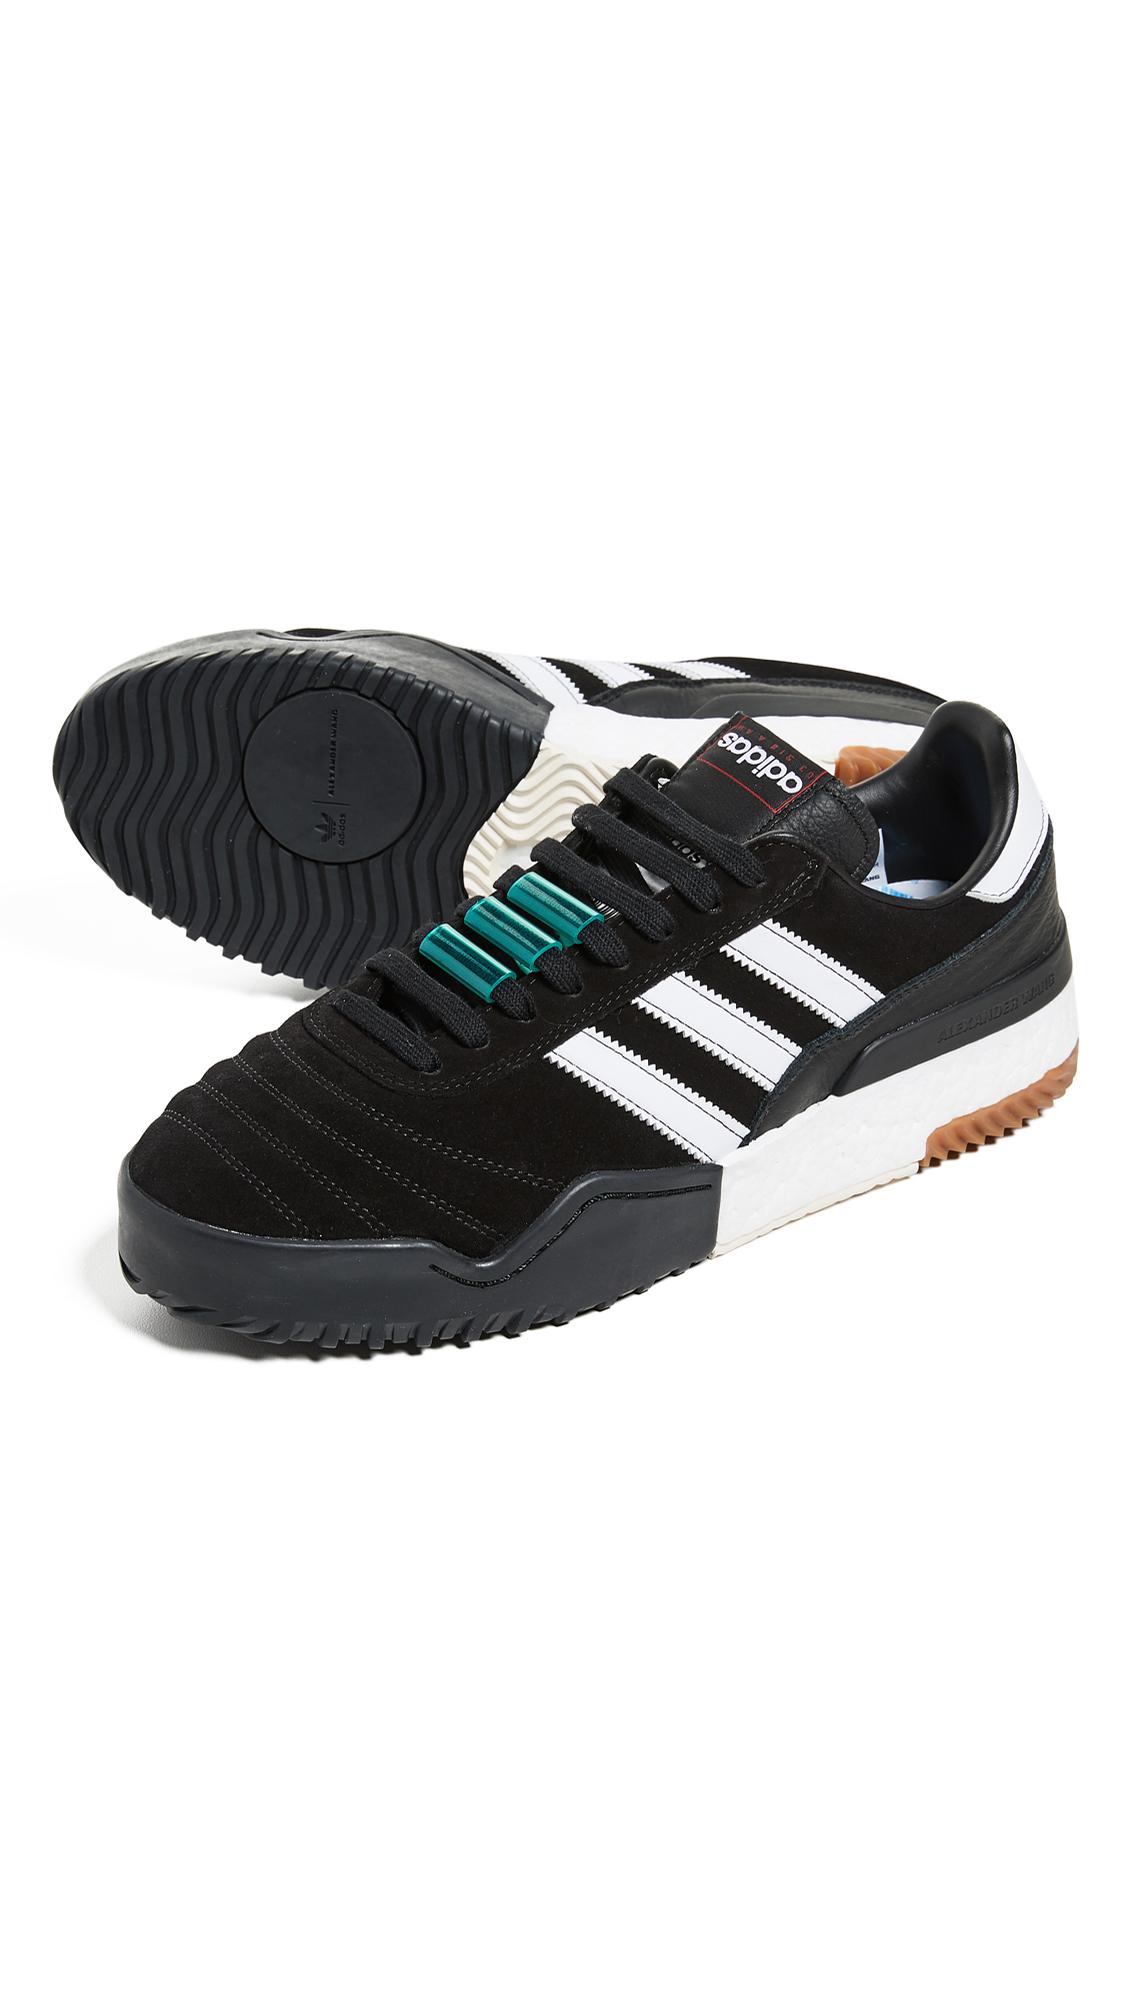 e1d3c05d1 adidas Originals by Alexander Wang Bball Soccer Sneaker